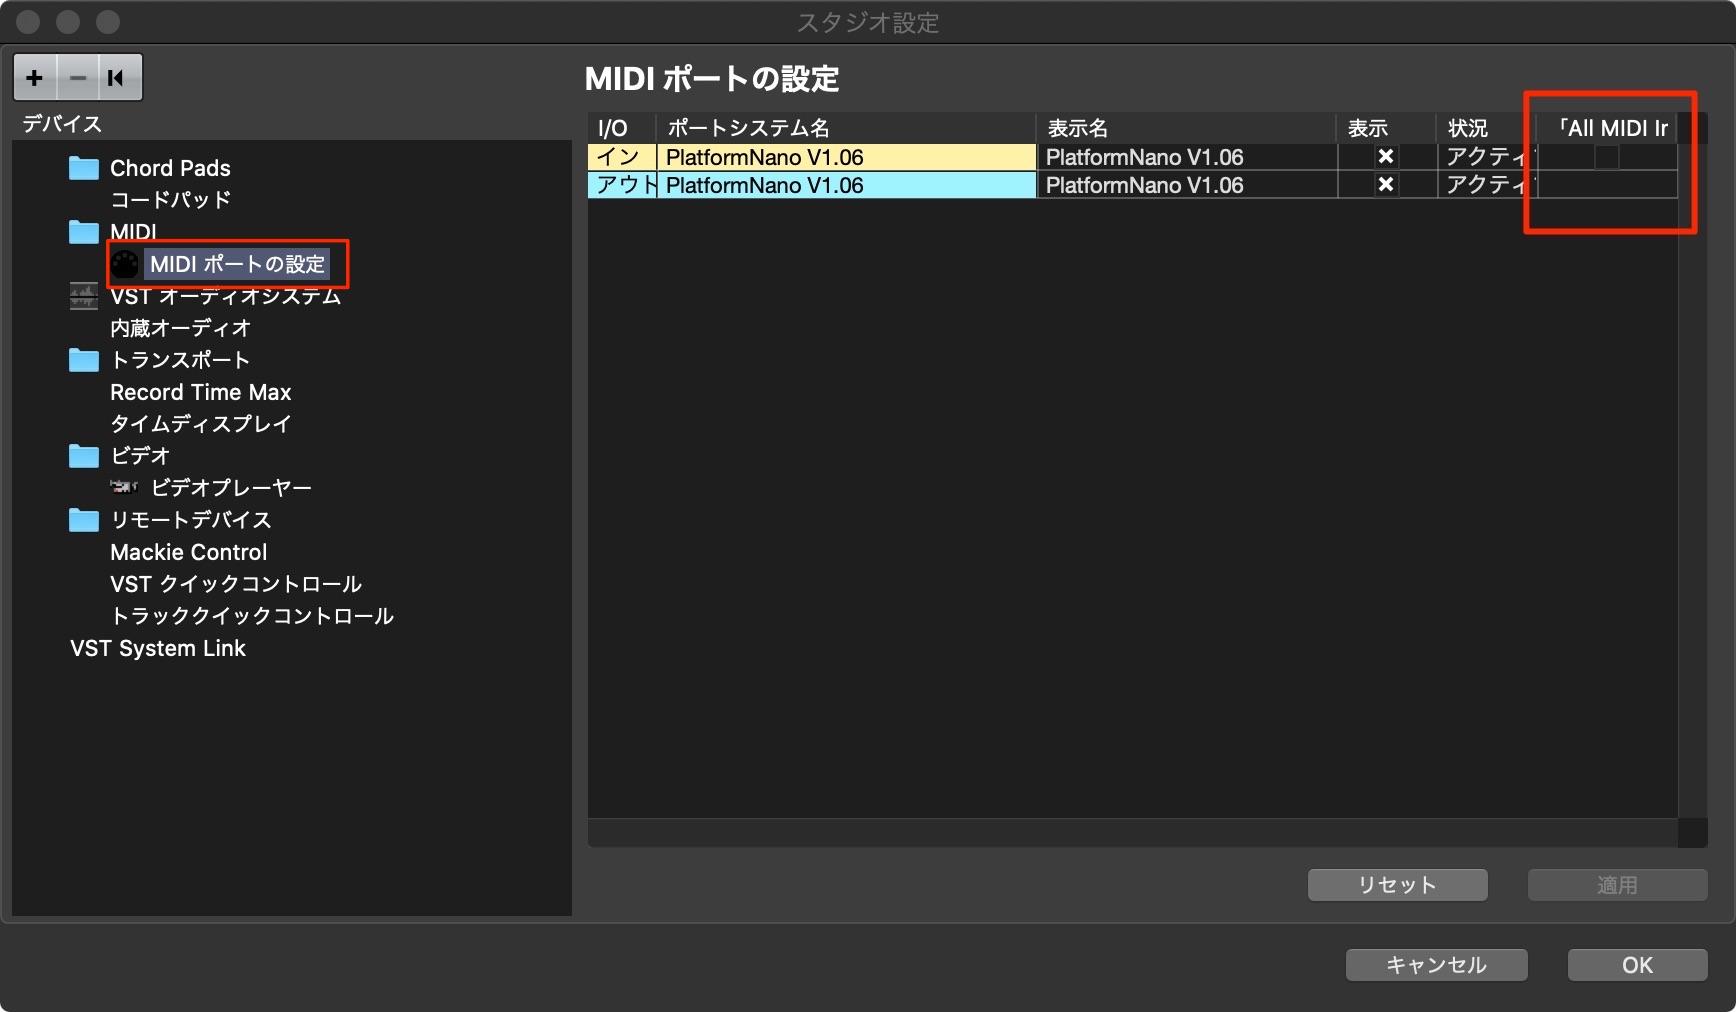 MIDI ポート